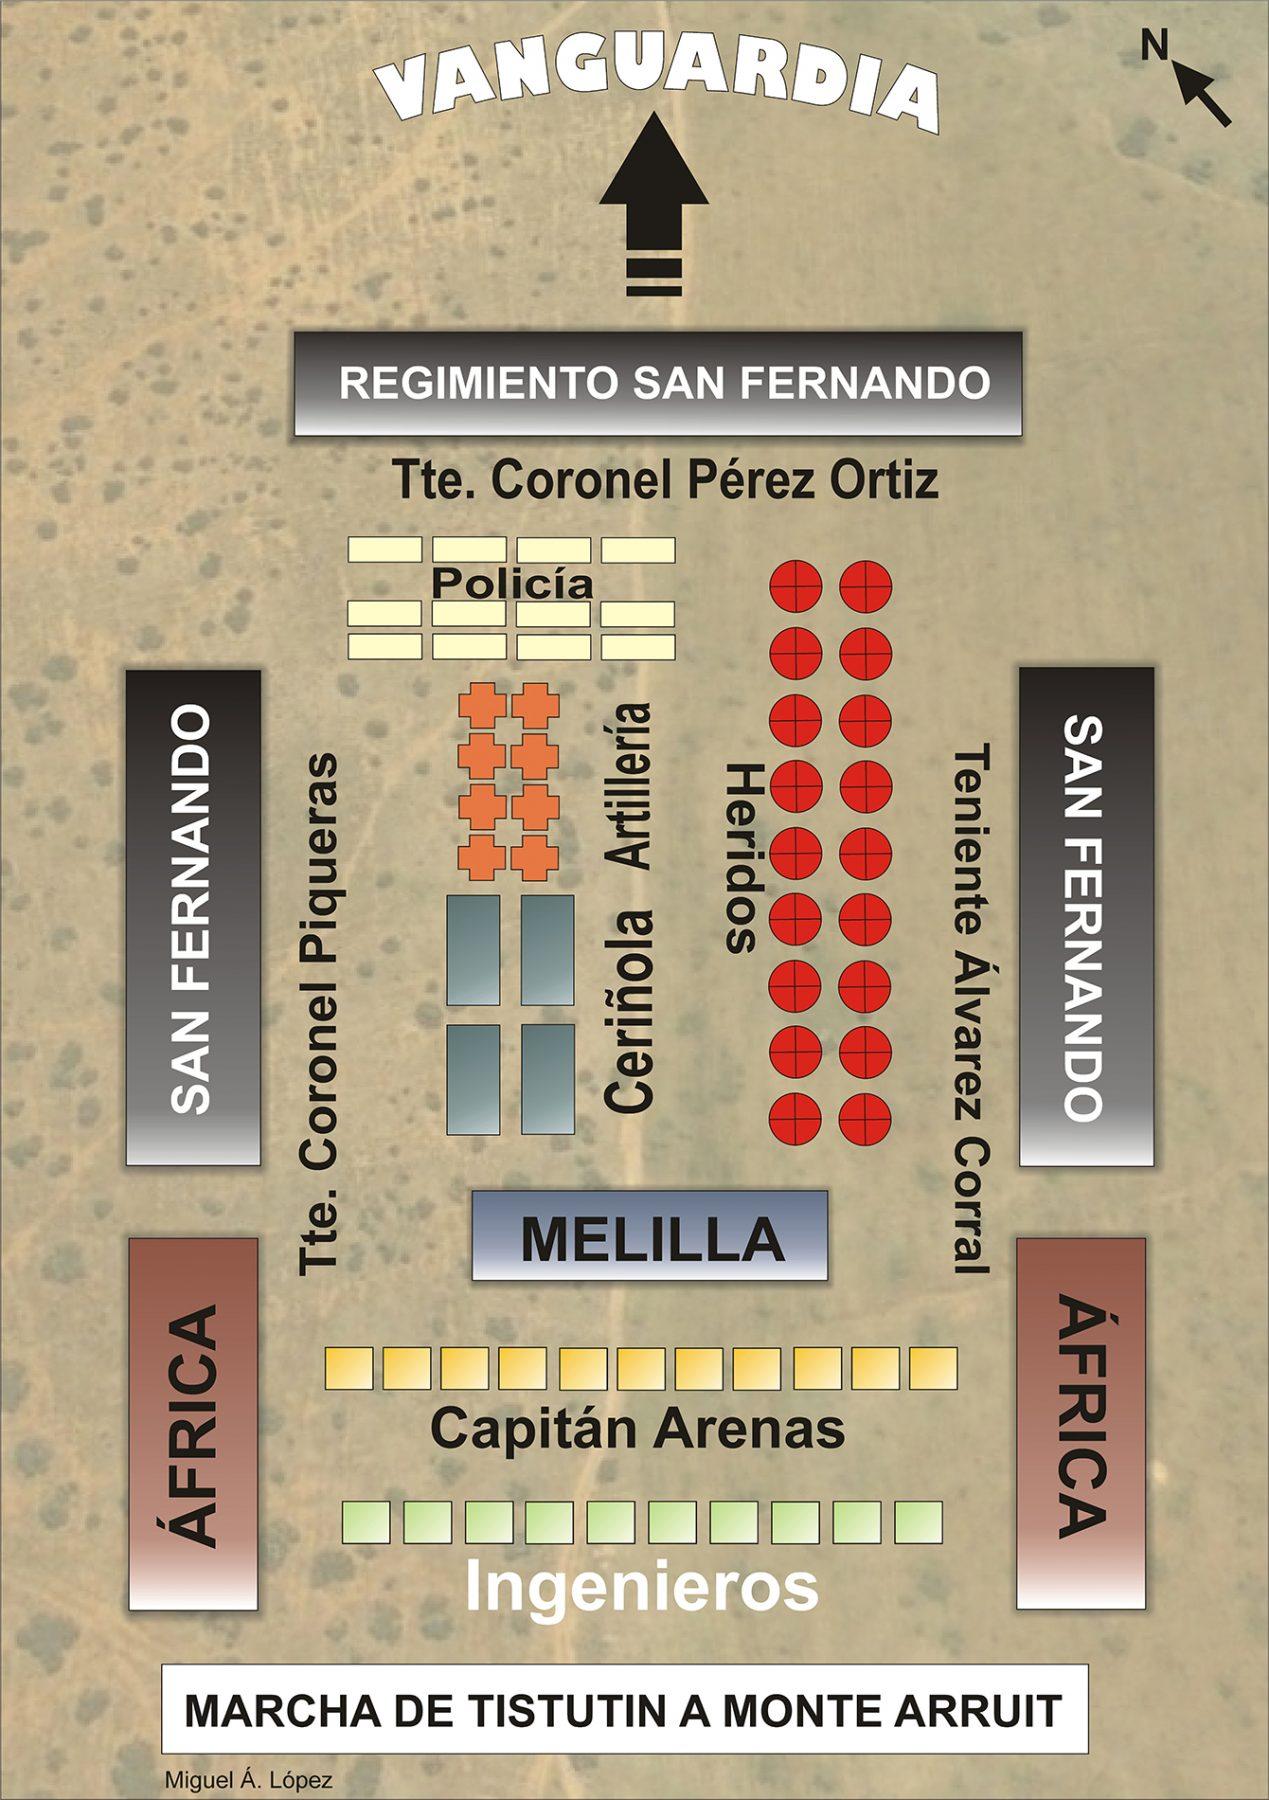 Mapa que muestra la marcha de Tistutin a Monte Arruit